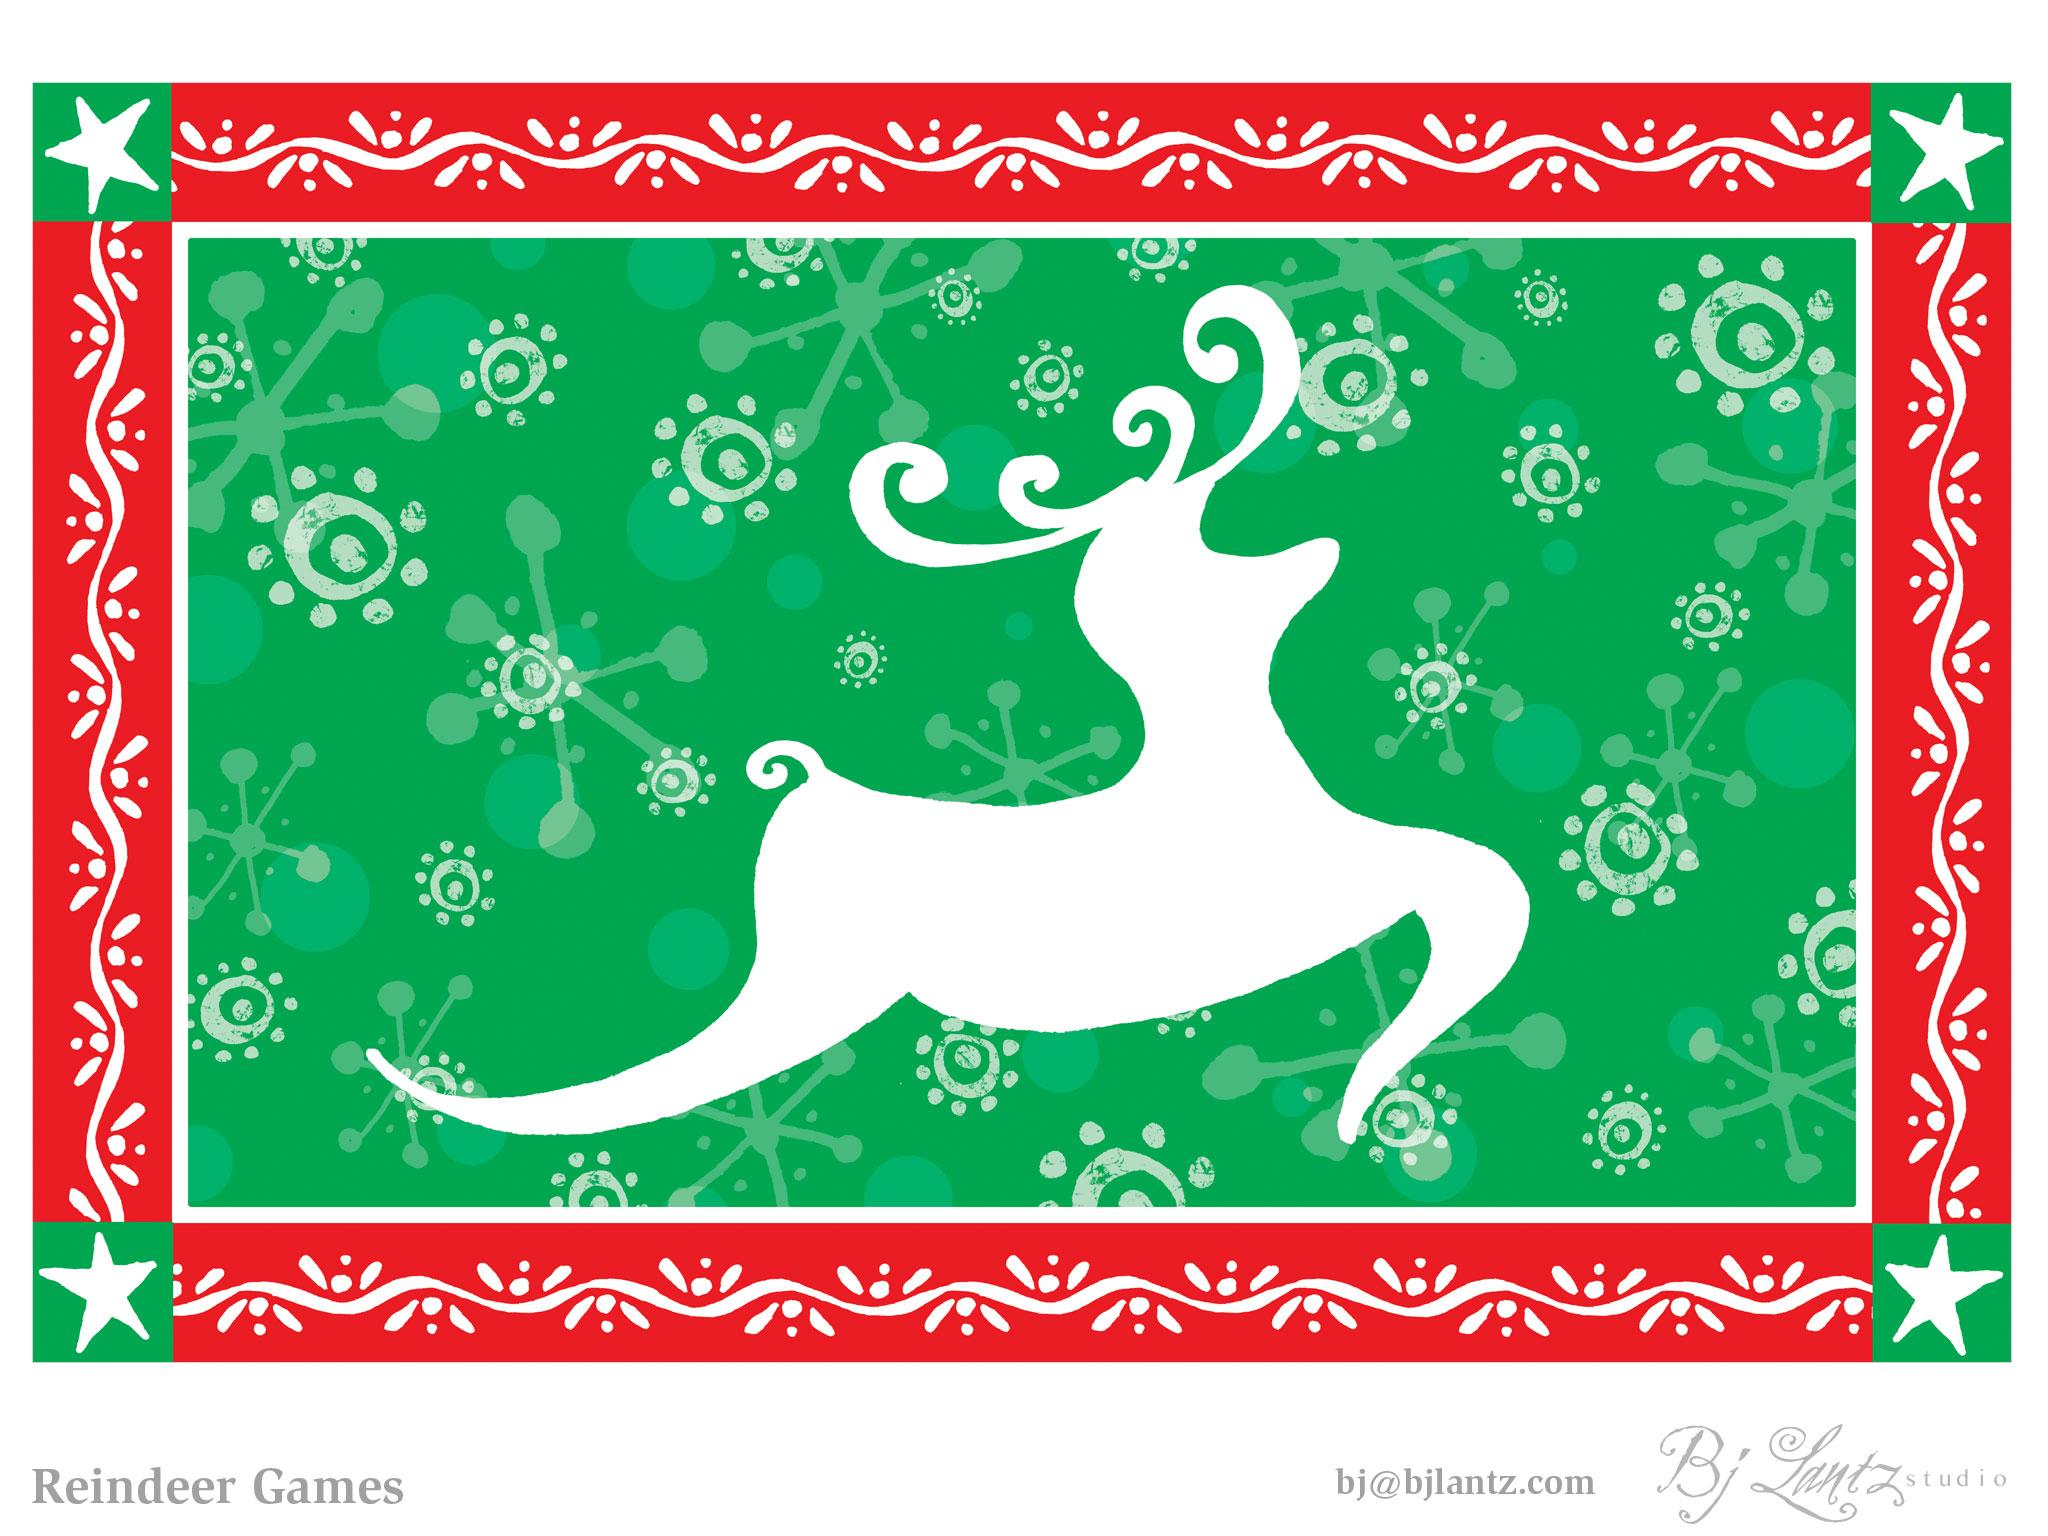 ReindeerGames_portfolio_2.jpg